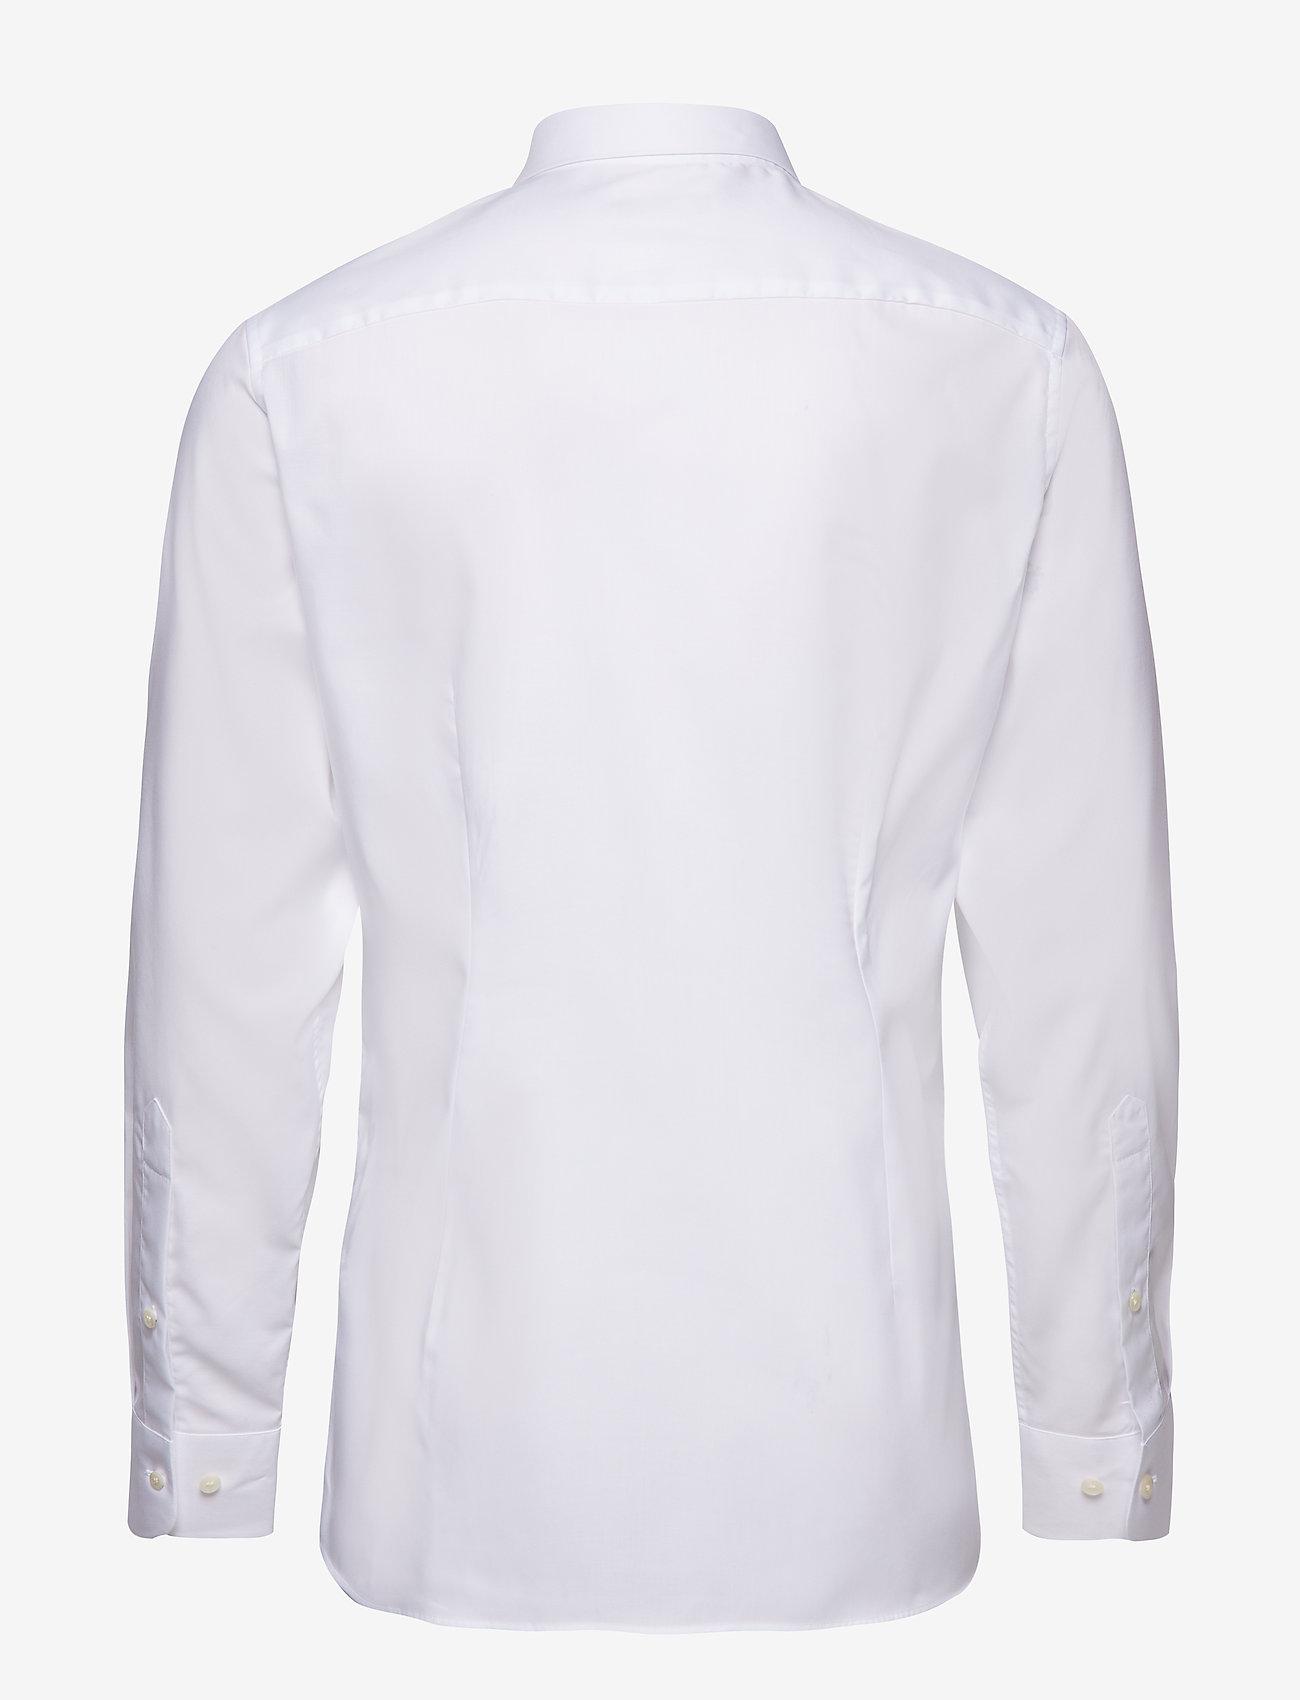 J. Lindeberg Daniel CA TL Non-iron Twill - Skjorter WHITE - Menn Klær